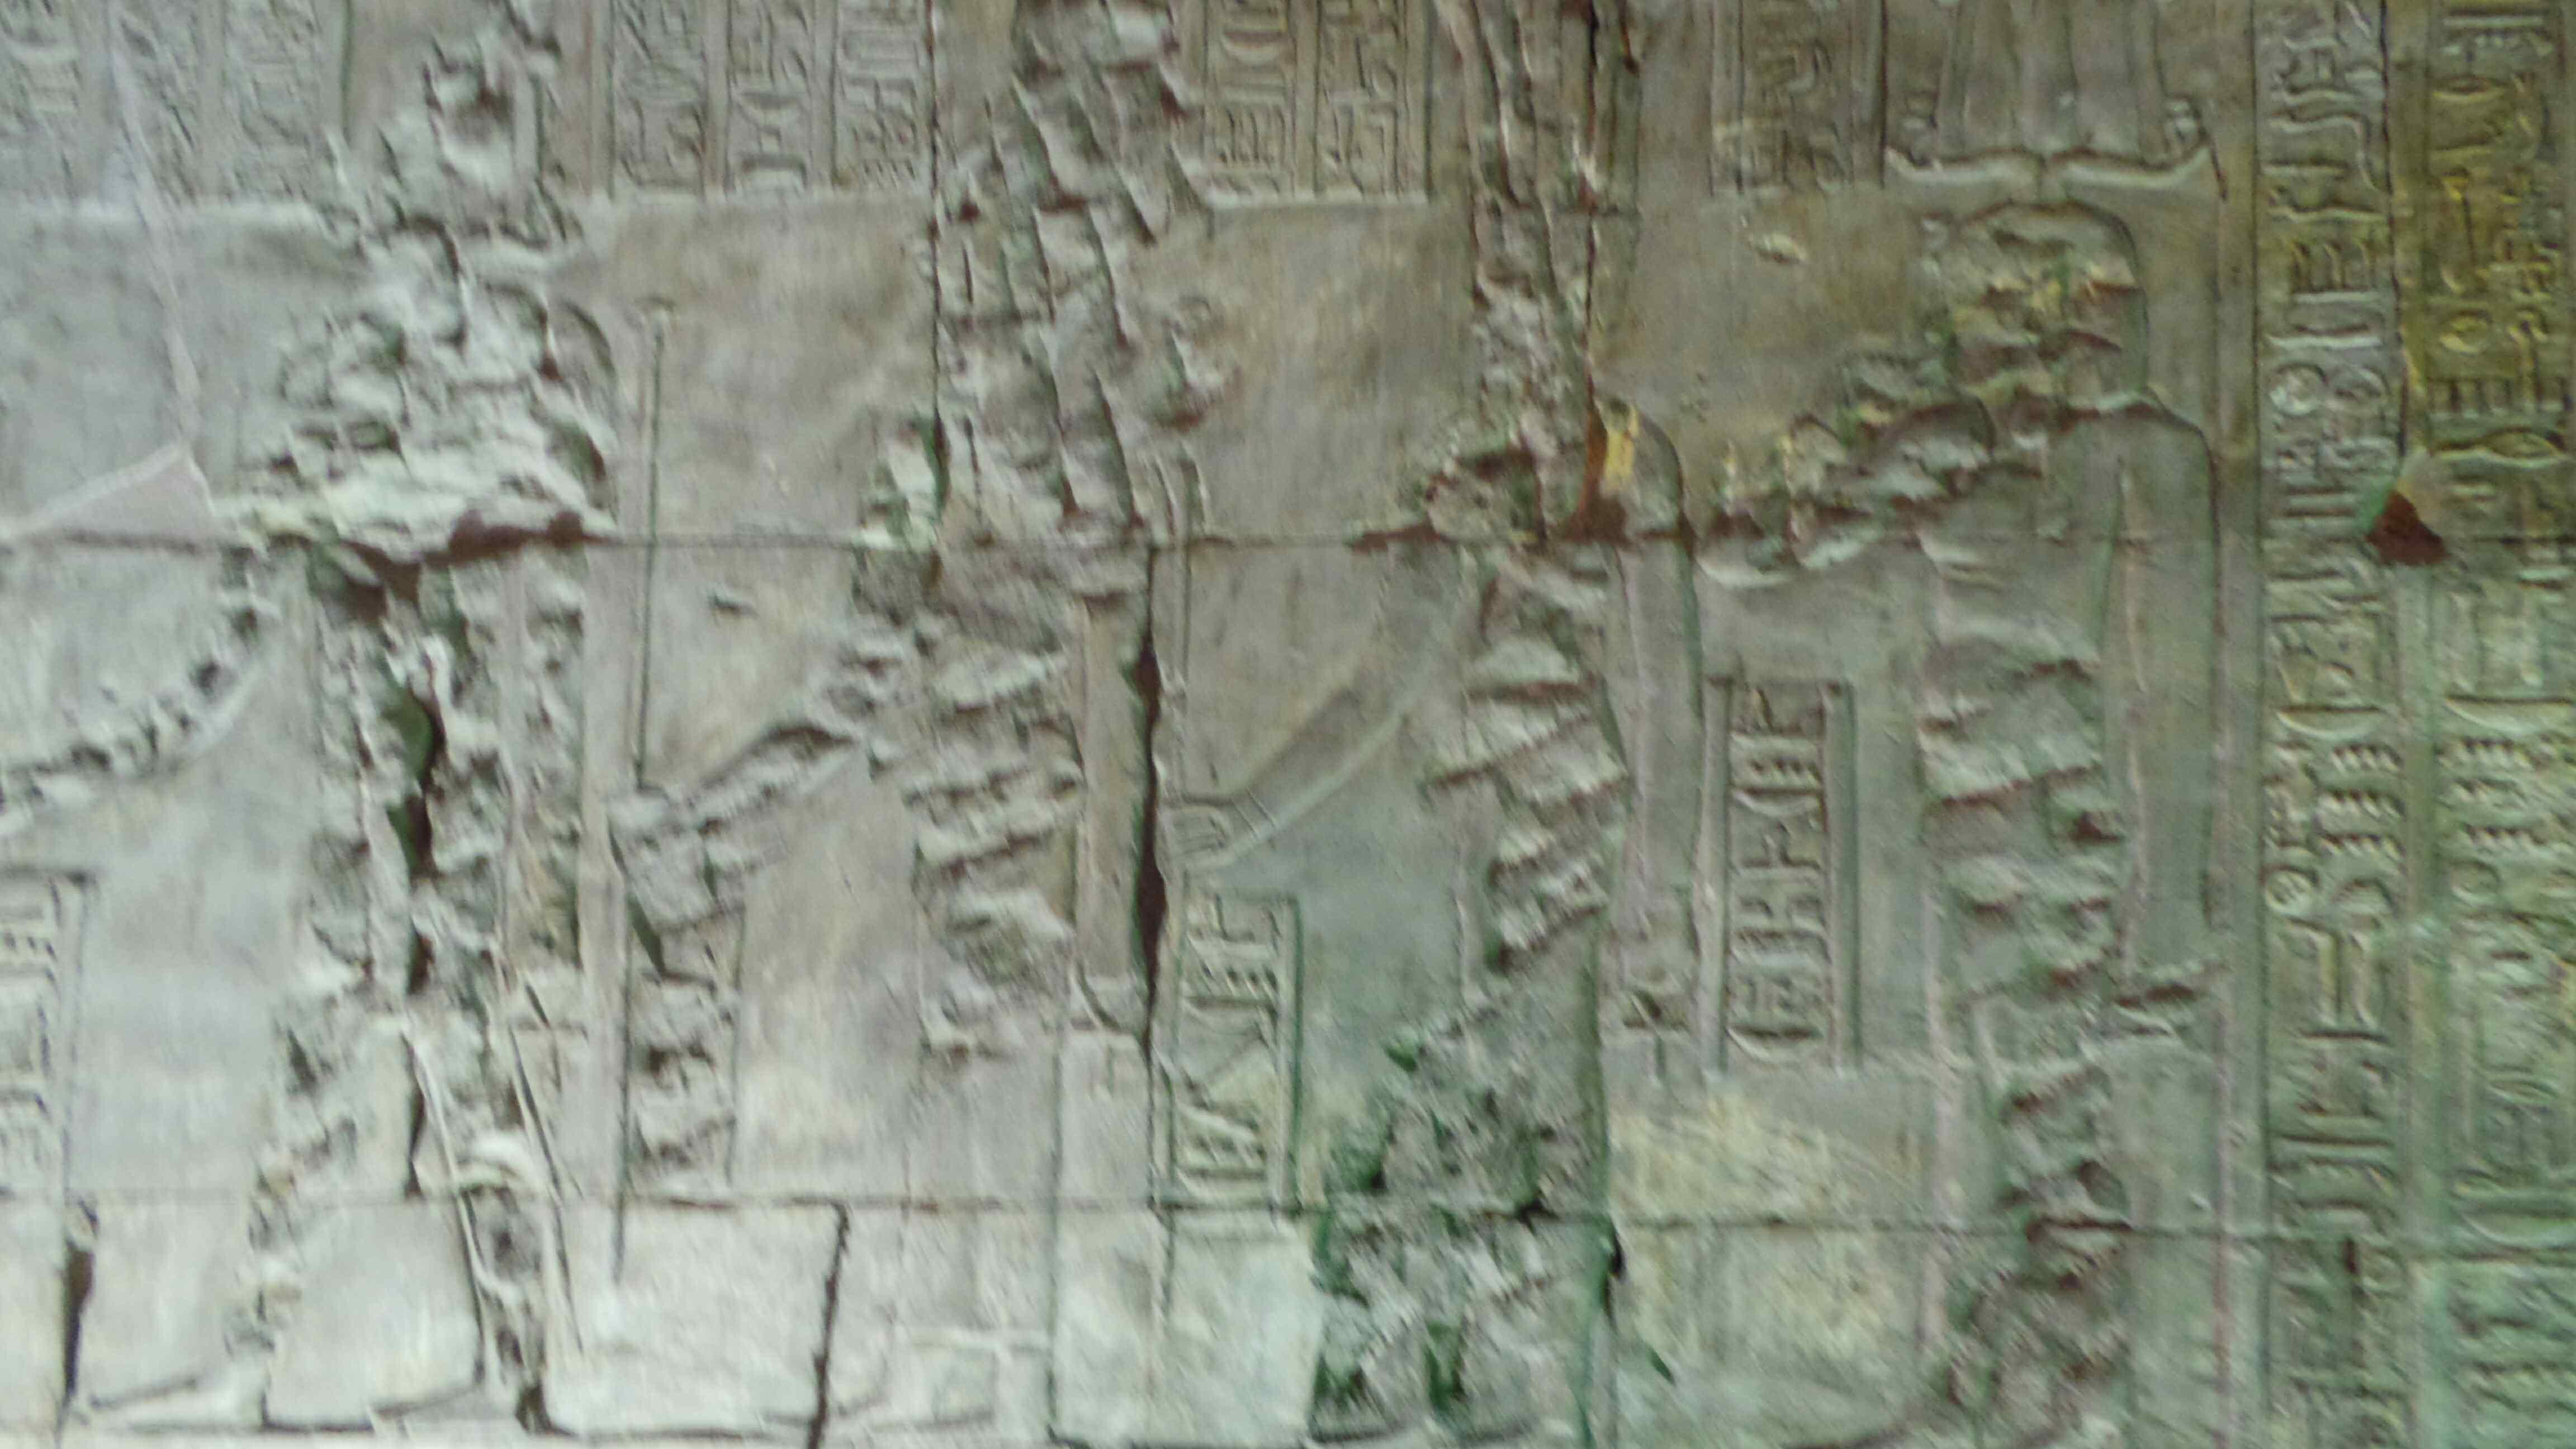 معبد إيزيس بعد افتتاحه بمناسبة عيد أسوان (8)